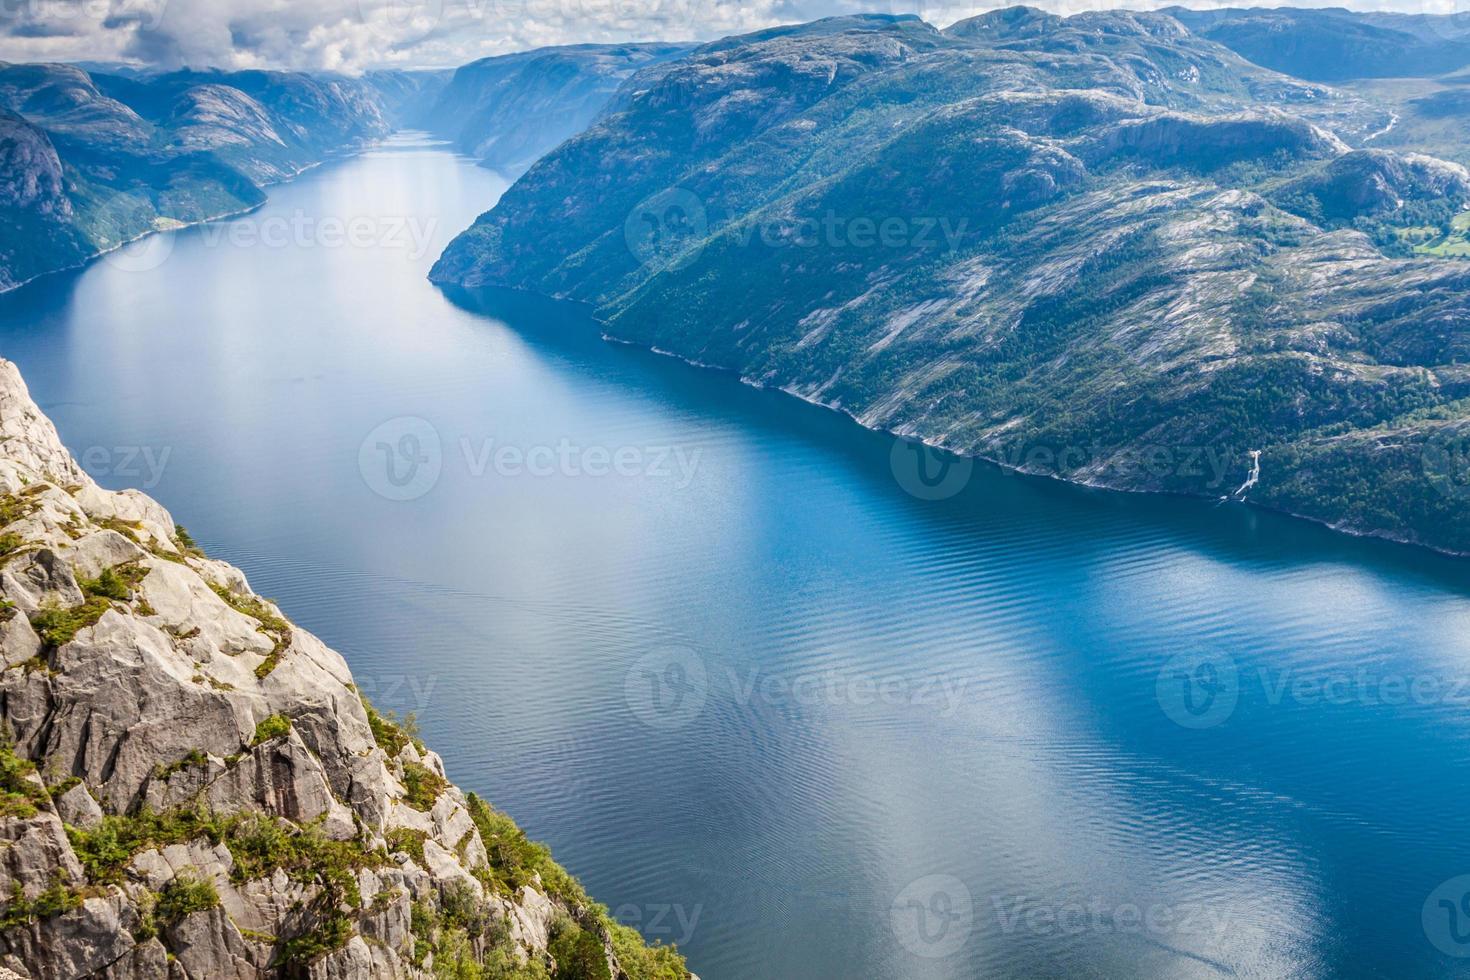 preikestolen, chaire rocheuse à lysefjorden (norvège). un t bien connu photo